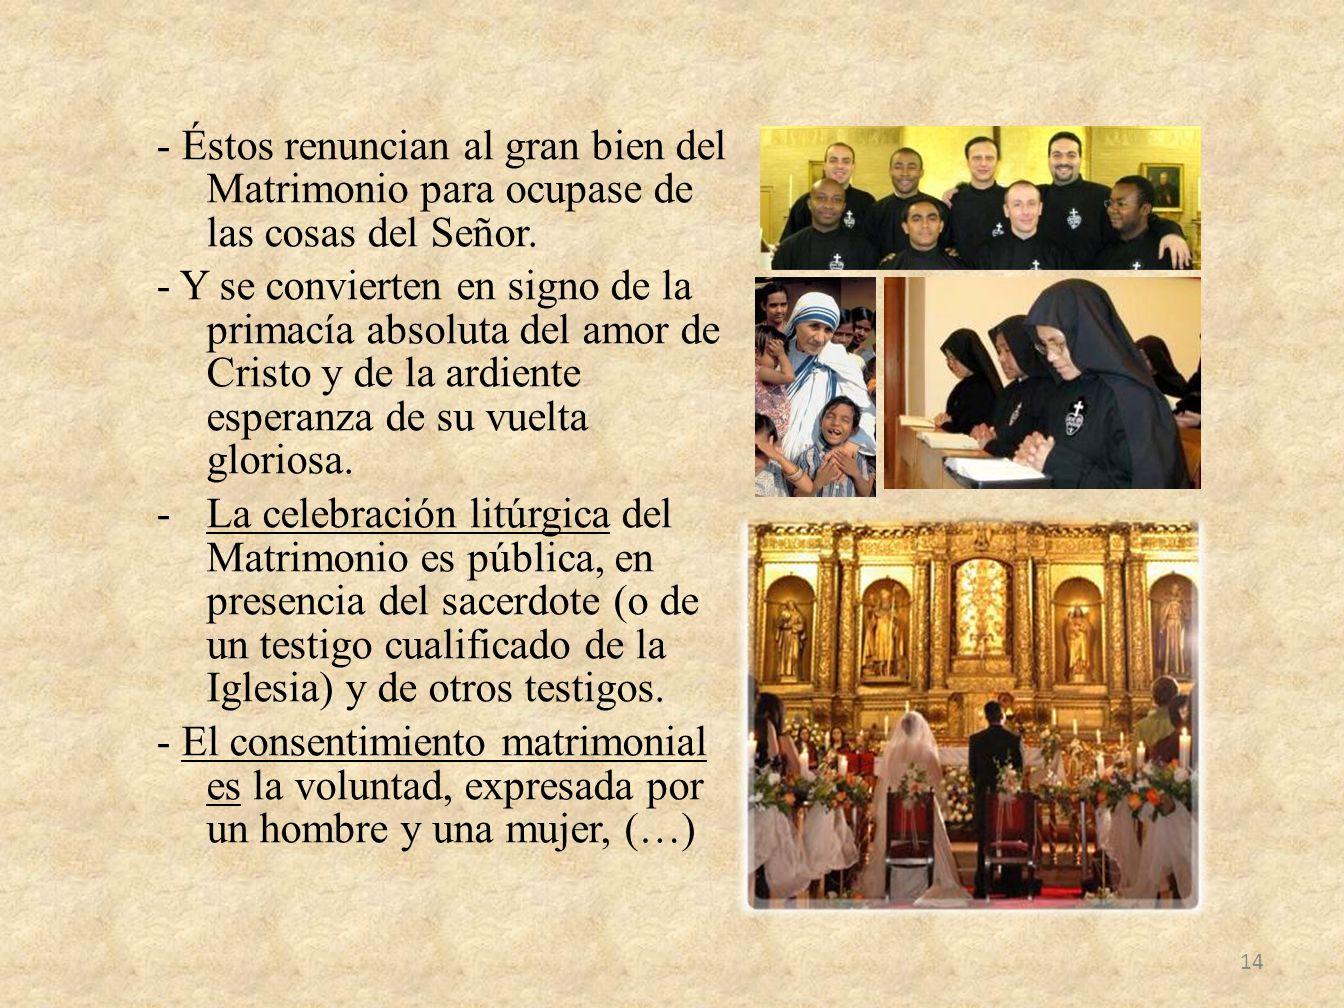 - Éstos renuncian al gran bien del Matrimonio para ocupase de las cosas del Señor.